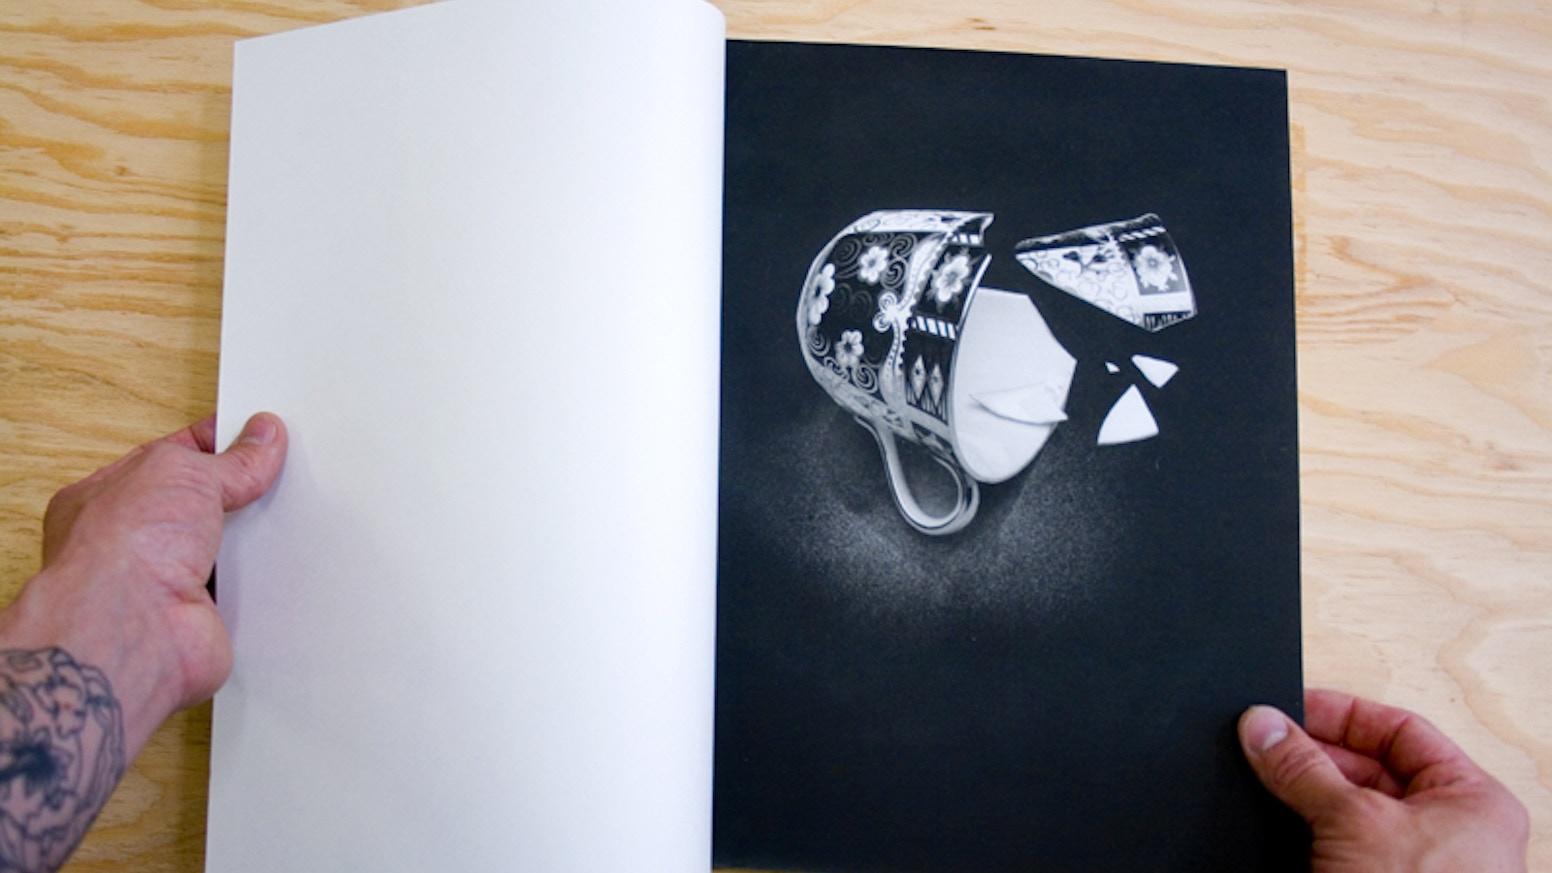 Book Cover Paper Weight : Still life an artist book by nickolaus typaldos —kickstarter